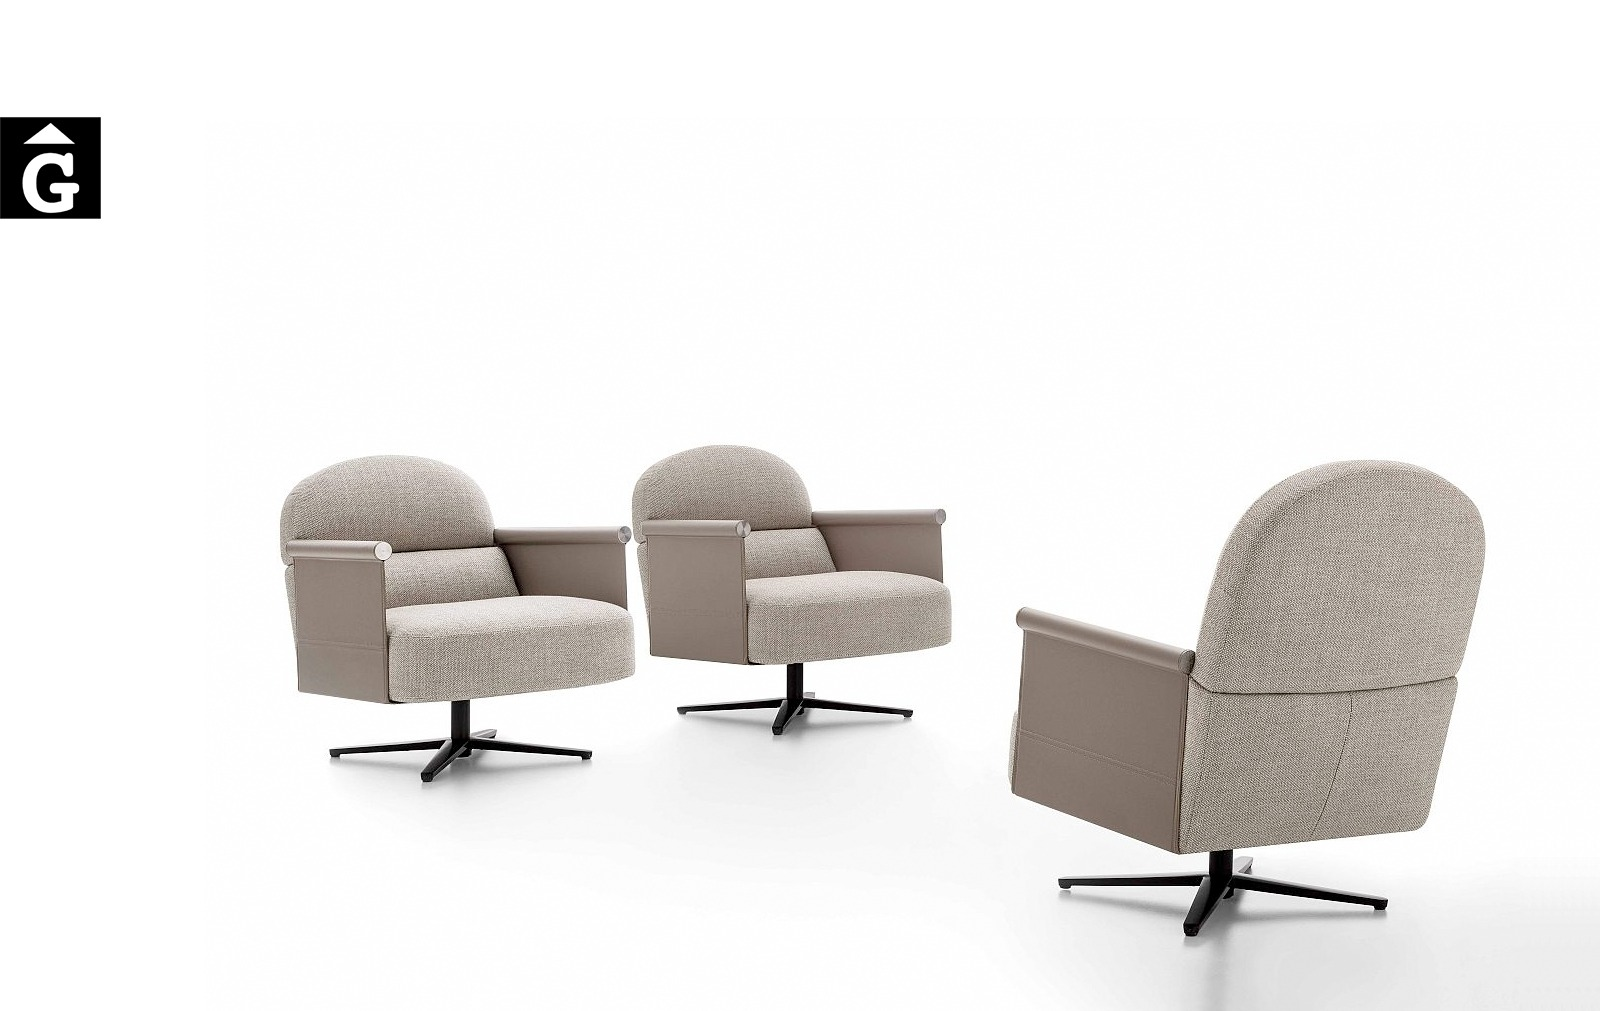 Butaques Beyl giratòries i molt elegants – Ditre Italia Sofas disseny i qualitat alta by mobles Gifreu